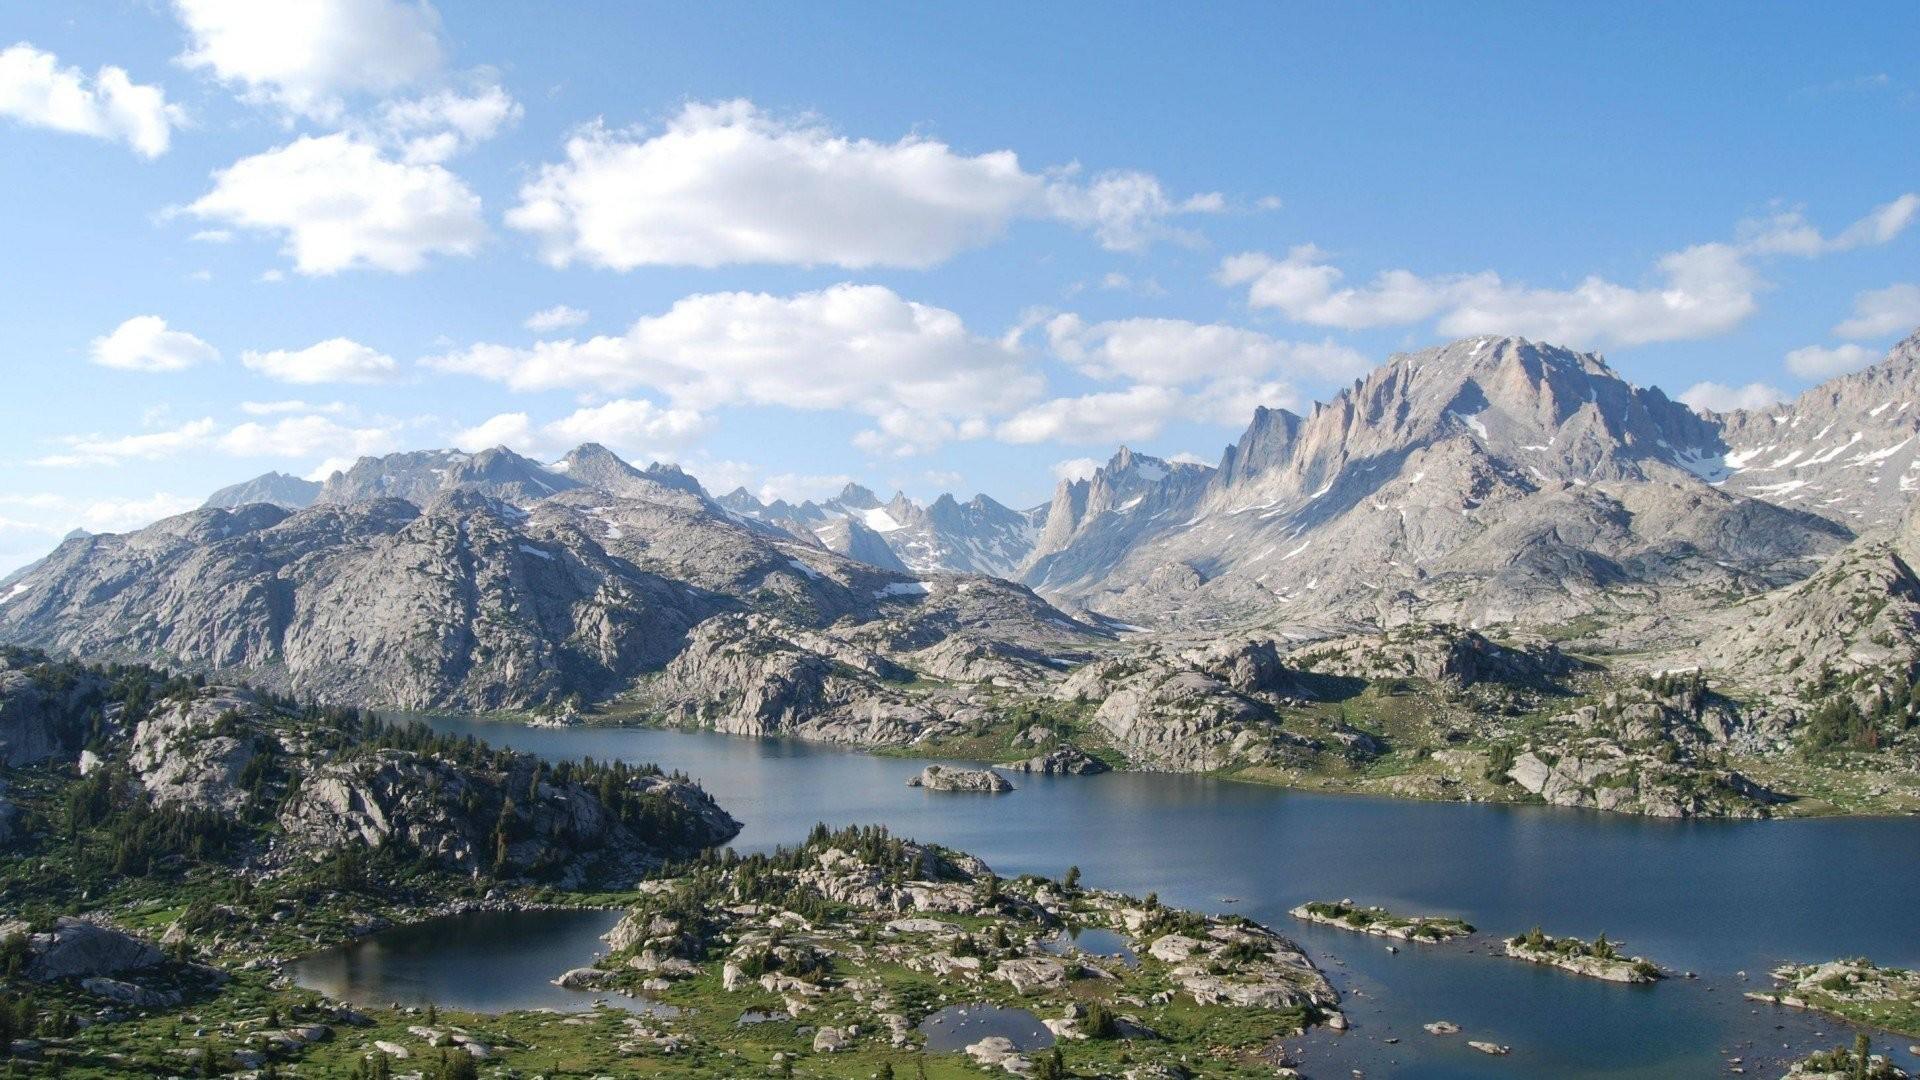 Lakes Landscapes Mountains Nature The Elder Scrolls V Skyrim